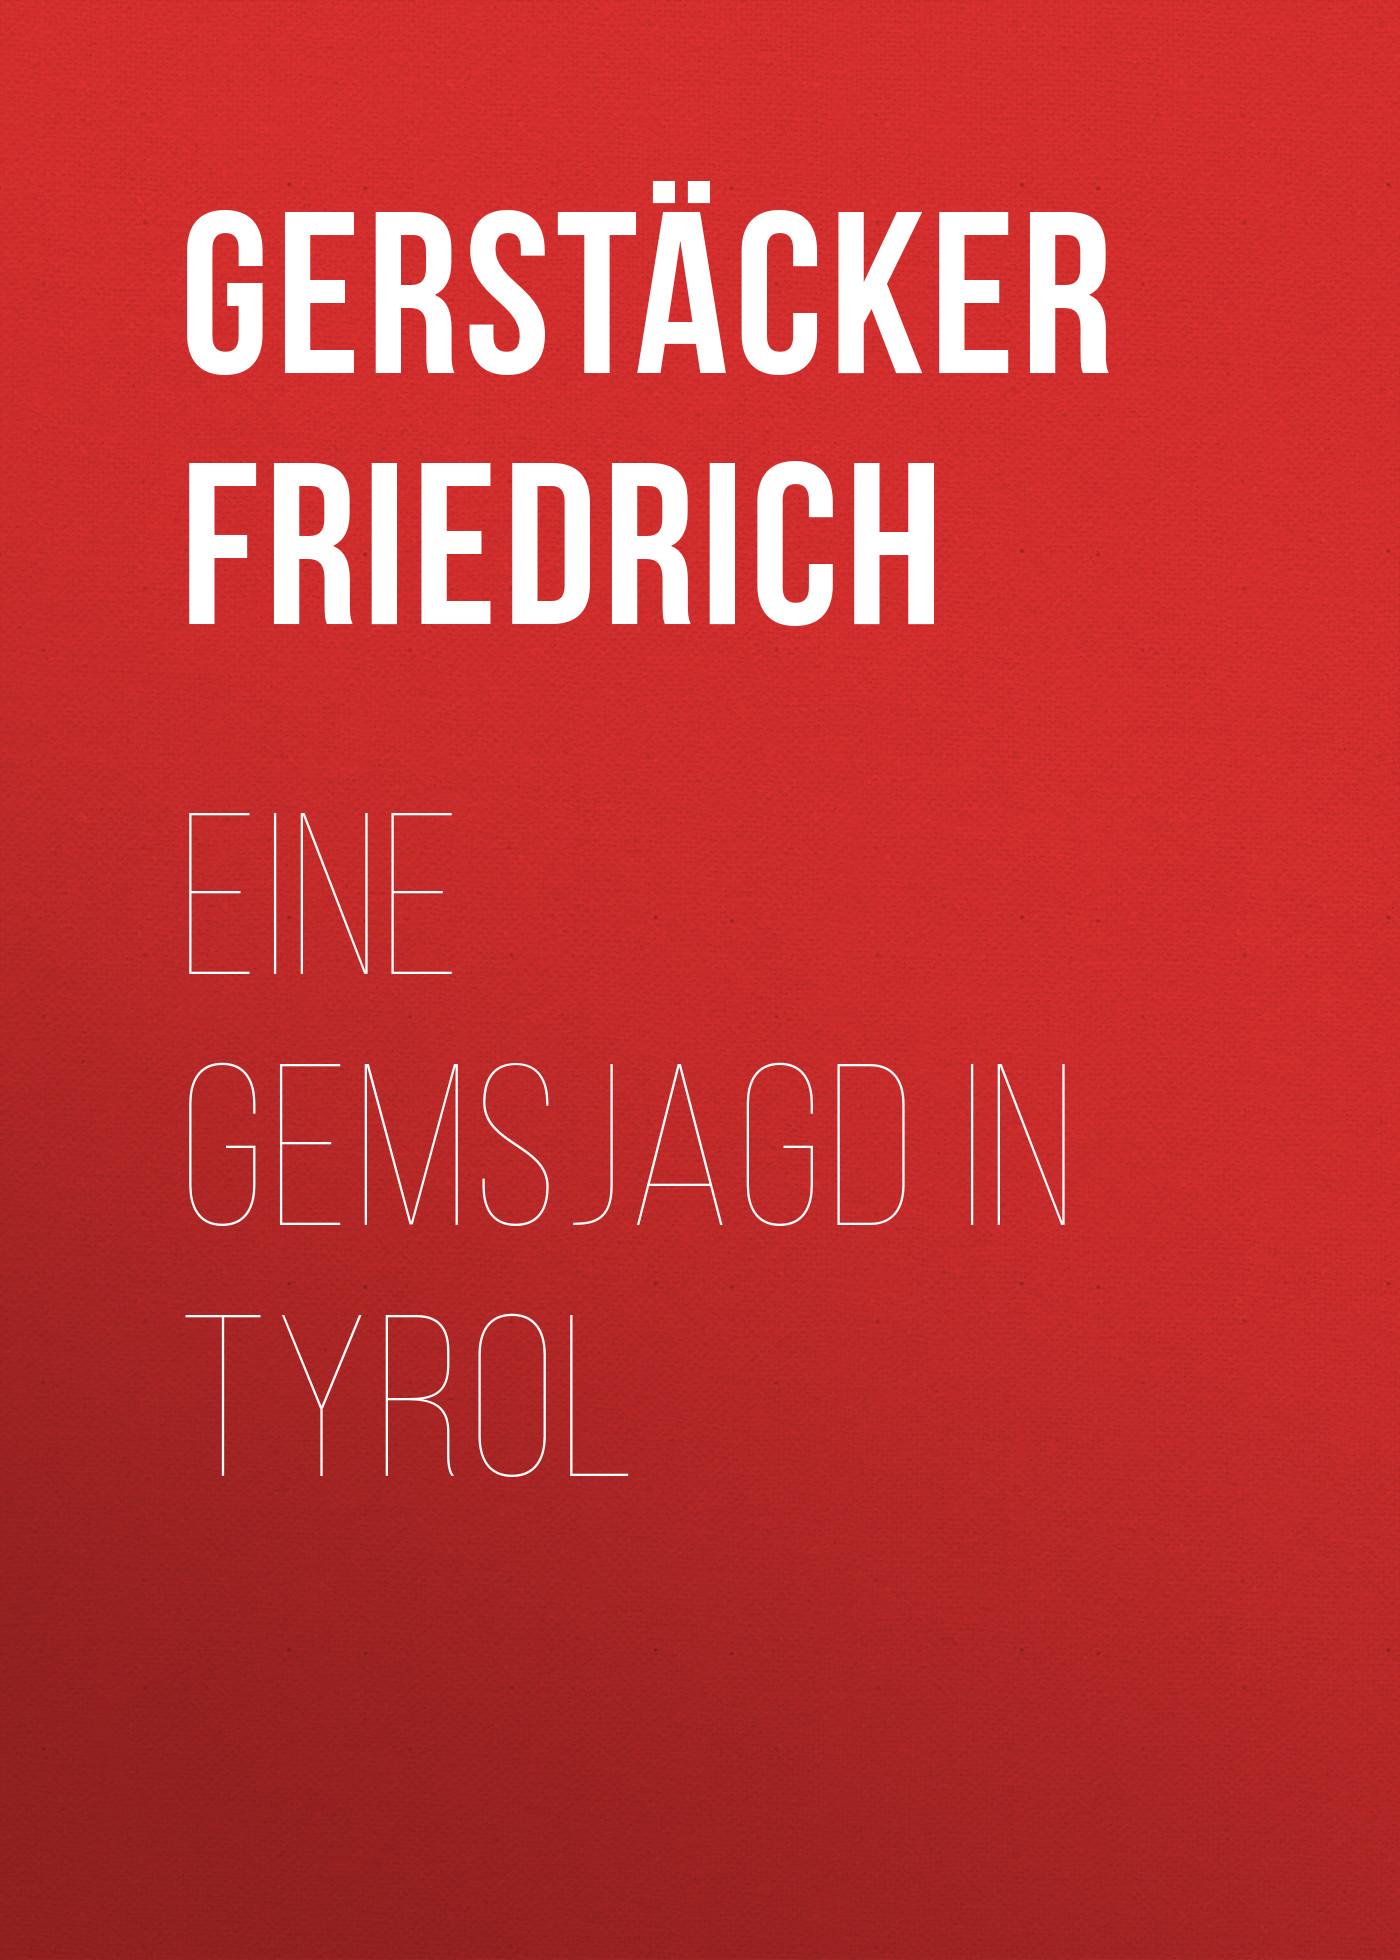 Фото - Gerstäcker Friedrich Eine Gemsjagd in Tyrol bruno kolb gaschromatographie in bildern eine einführung